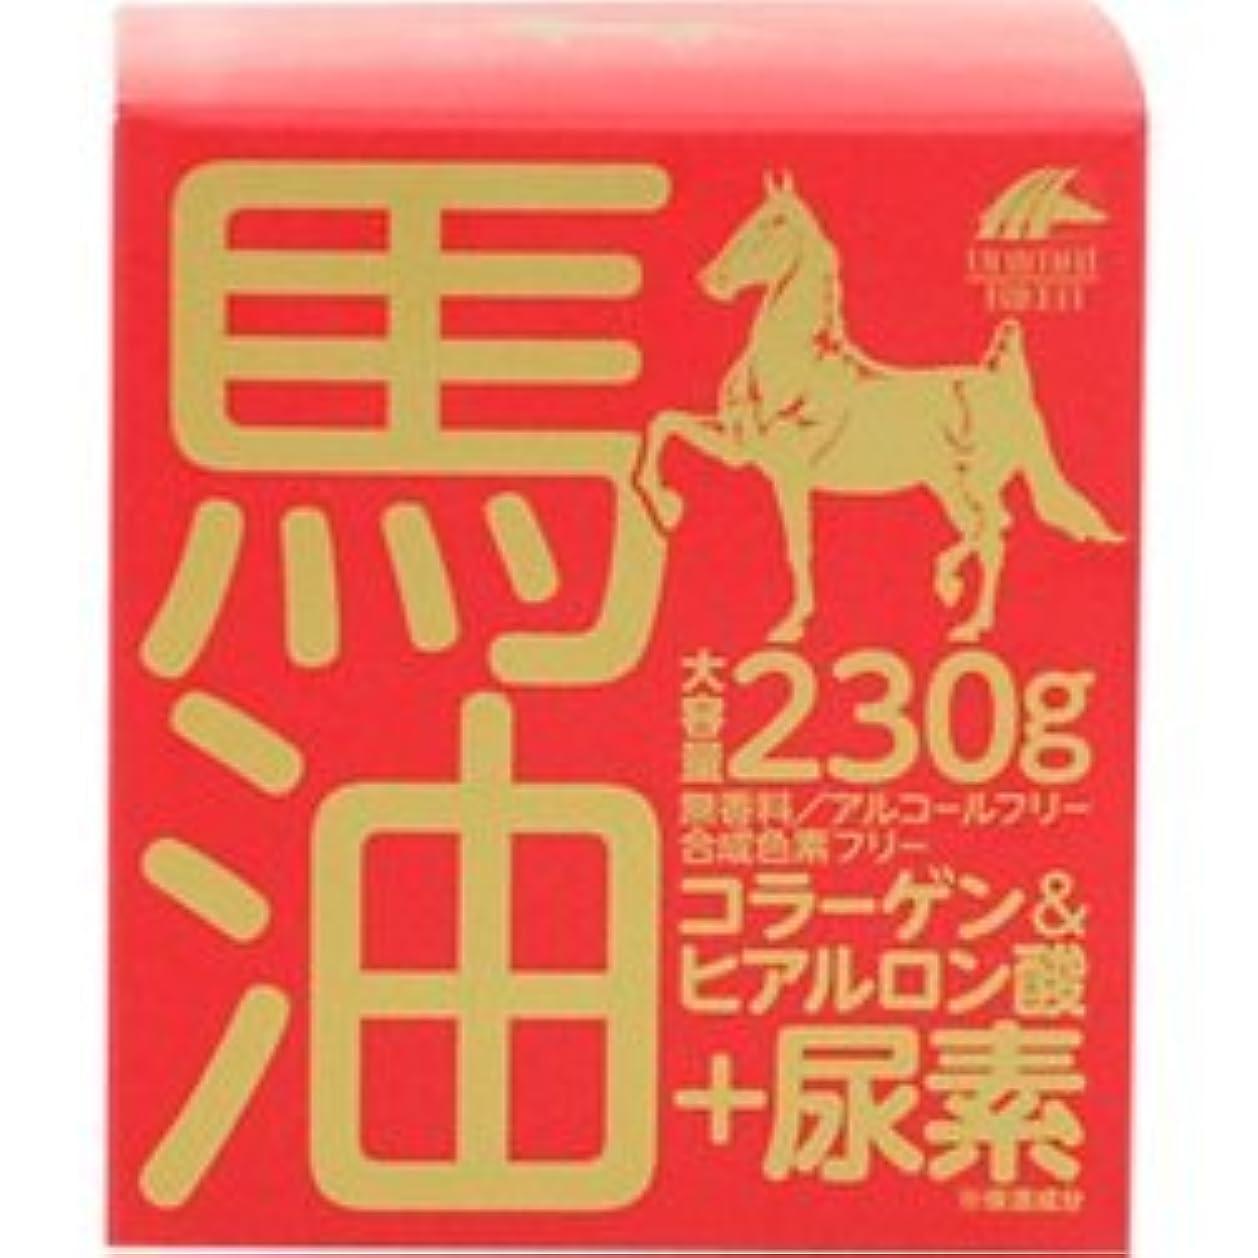 ハードリング争うエレメンタル【ユニマットリケン】馬油クリーム+尿素 230g ×10個セット